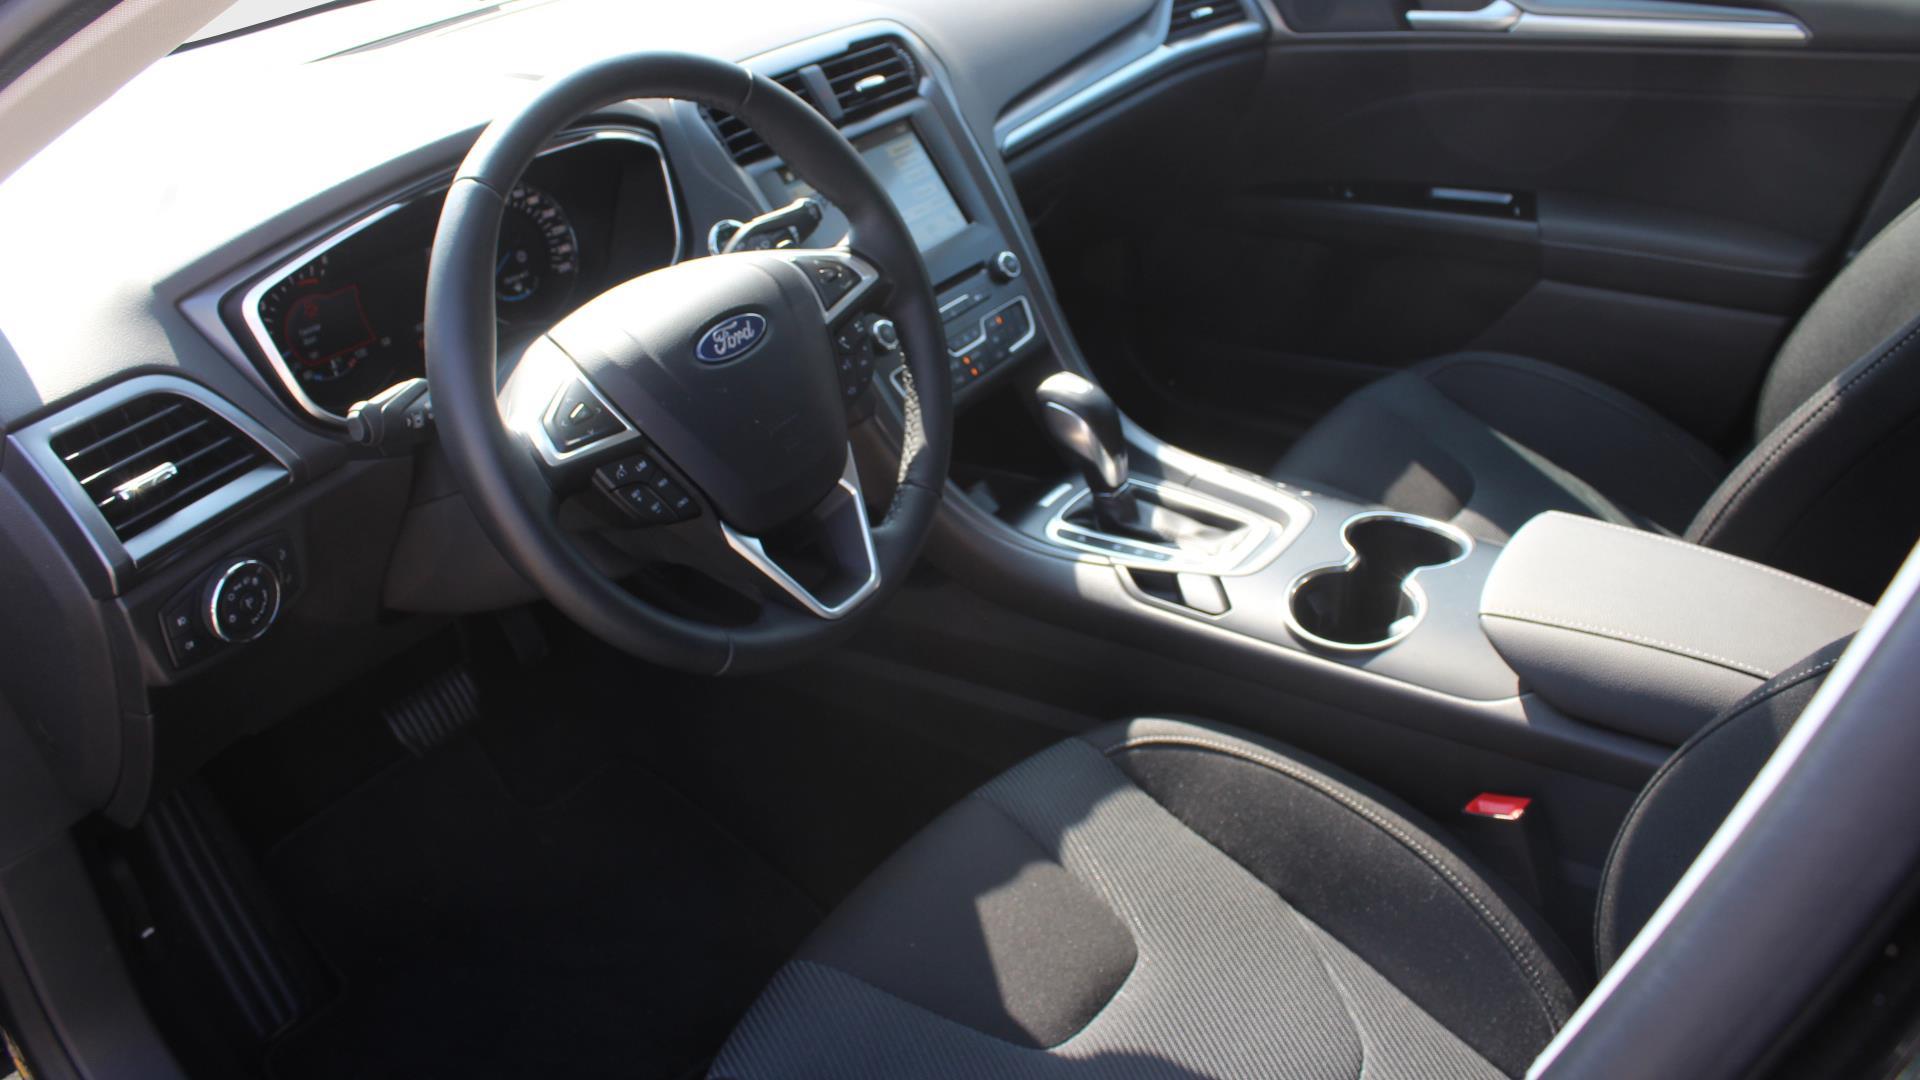 Billede af Ford Mondeo 2,0 TDCi Titanium Powershift 150HK Stc 6g Aut.